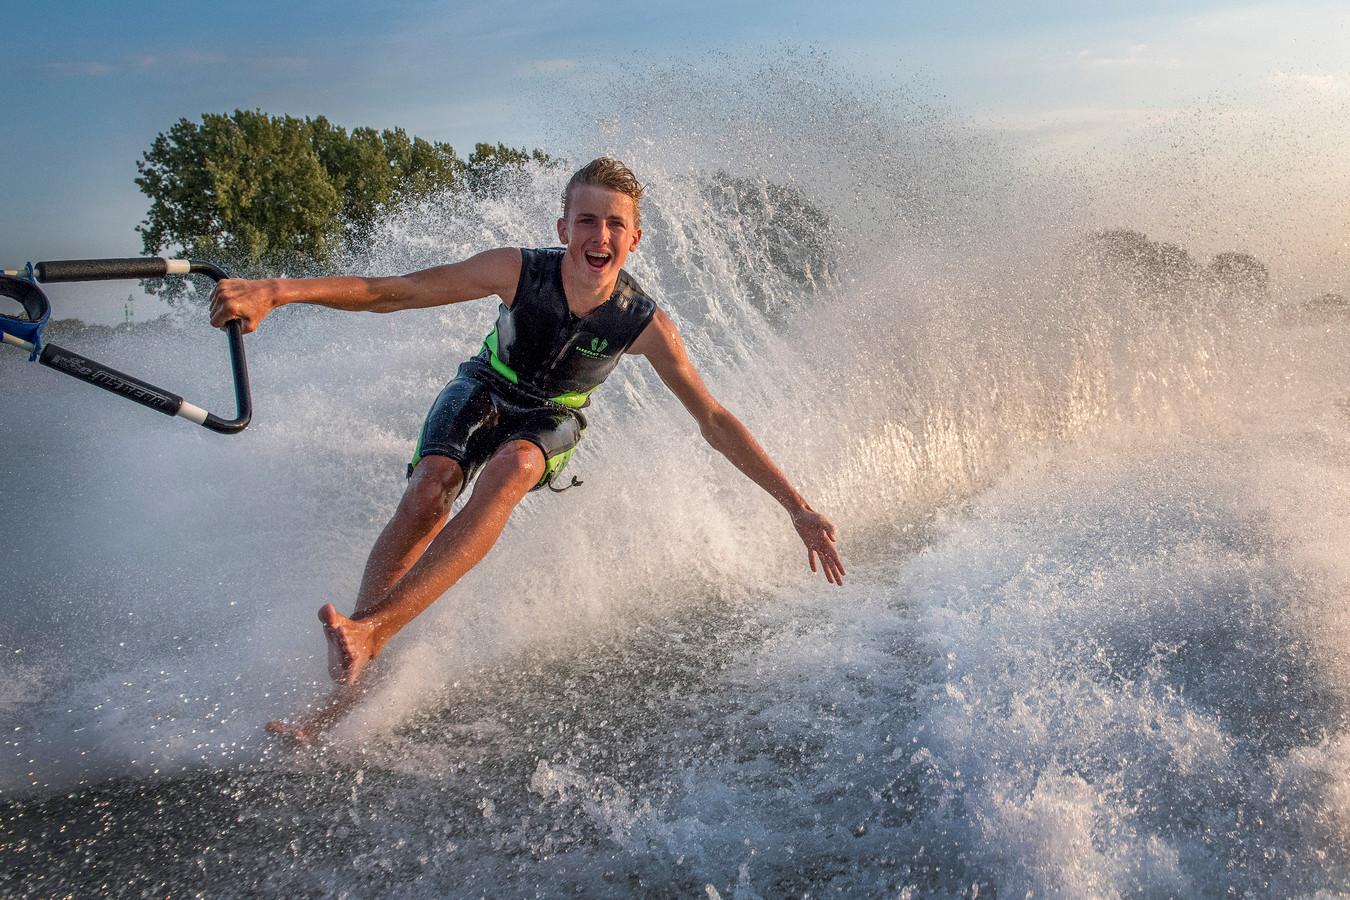 Bas Aartsen scheert over het water in Maurik, waar hij de basis voor zijn toekomst legt. Hij wil naar het WK 2020 in Australië.